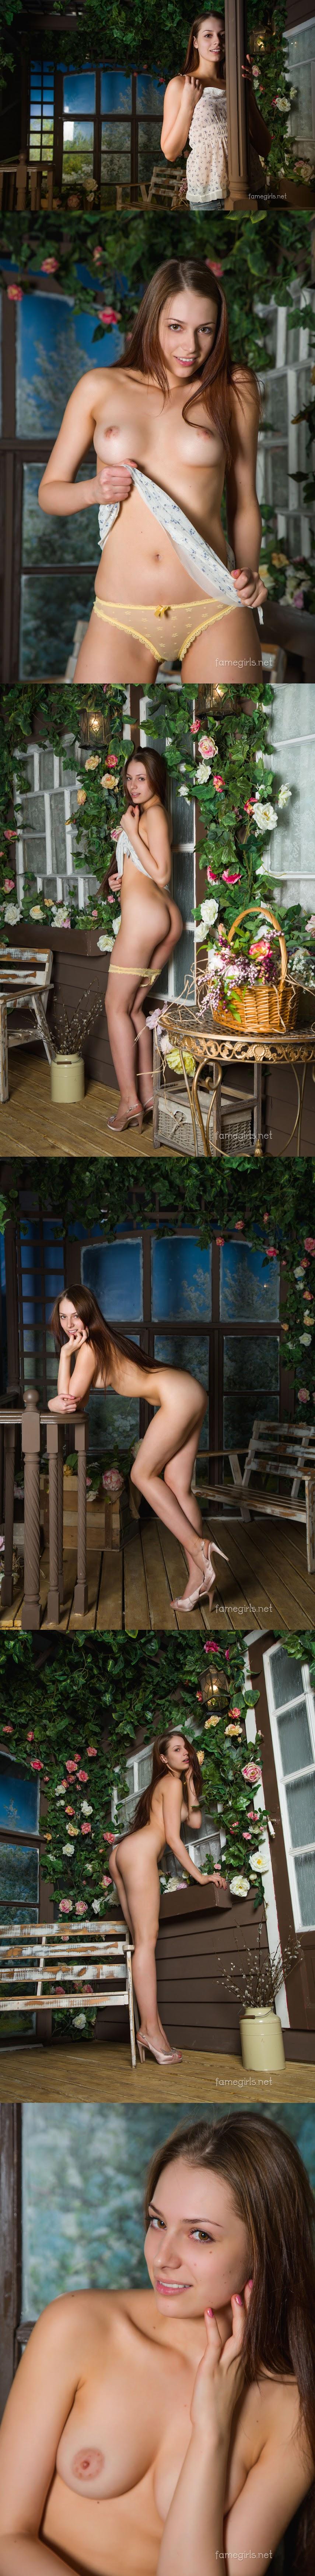 FameGirls_Isabella-_007_x1263840x5760.zip-jk- FameGirls Isabella- 007 x1263840x5760 famegirls 08110